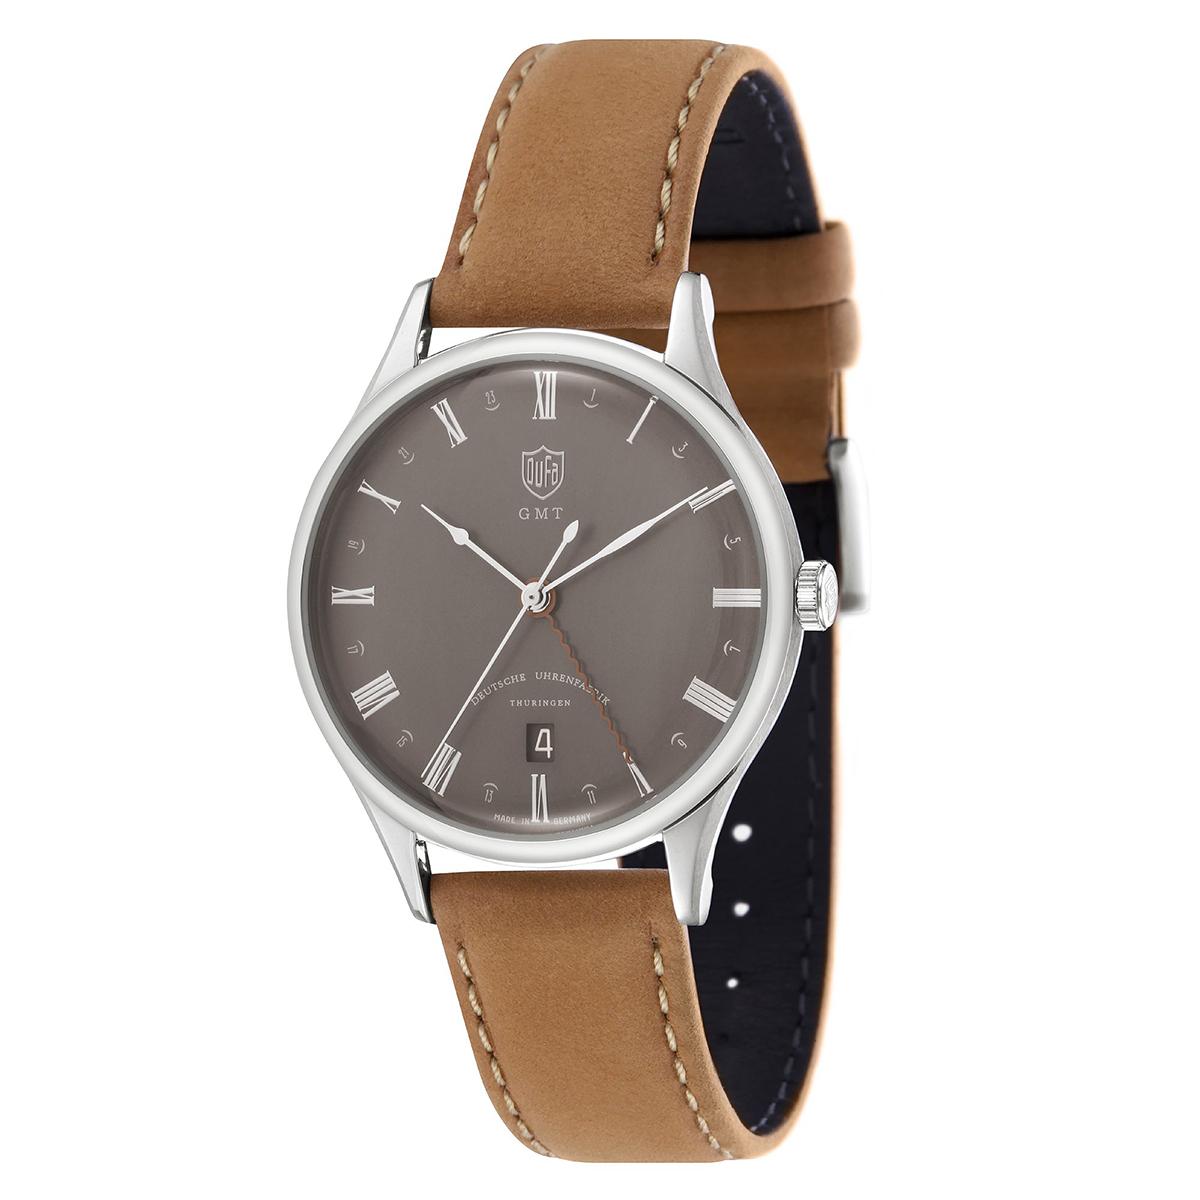 DUFA ドゥッファ DF-9006-0B WEIMAR GMT 時計 腕時計 メンズ レディース 男性 女性 ネイビー おしゃれ プレゼント 贈り物 ギフト ドイツ バウハウス[あす楽]